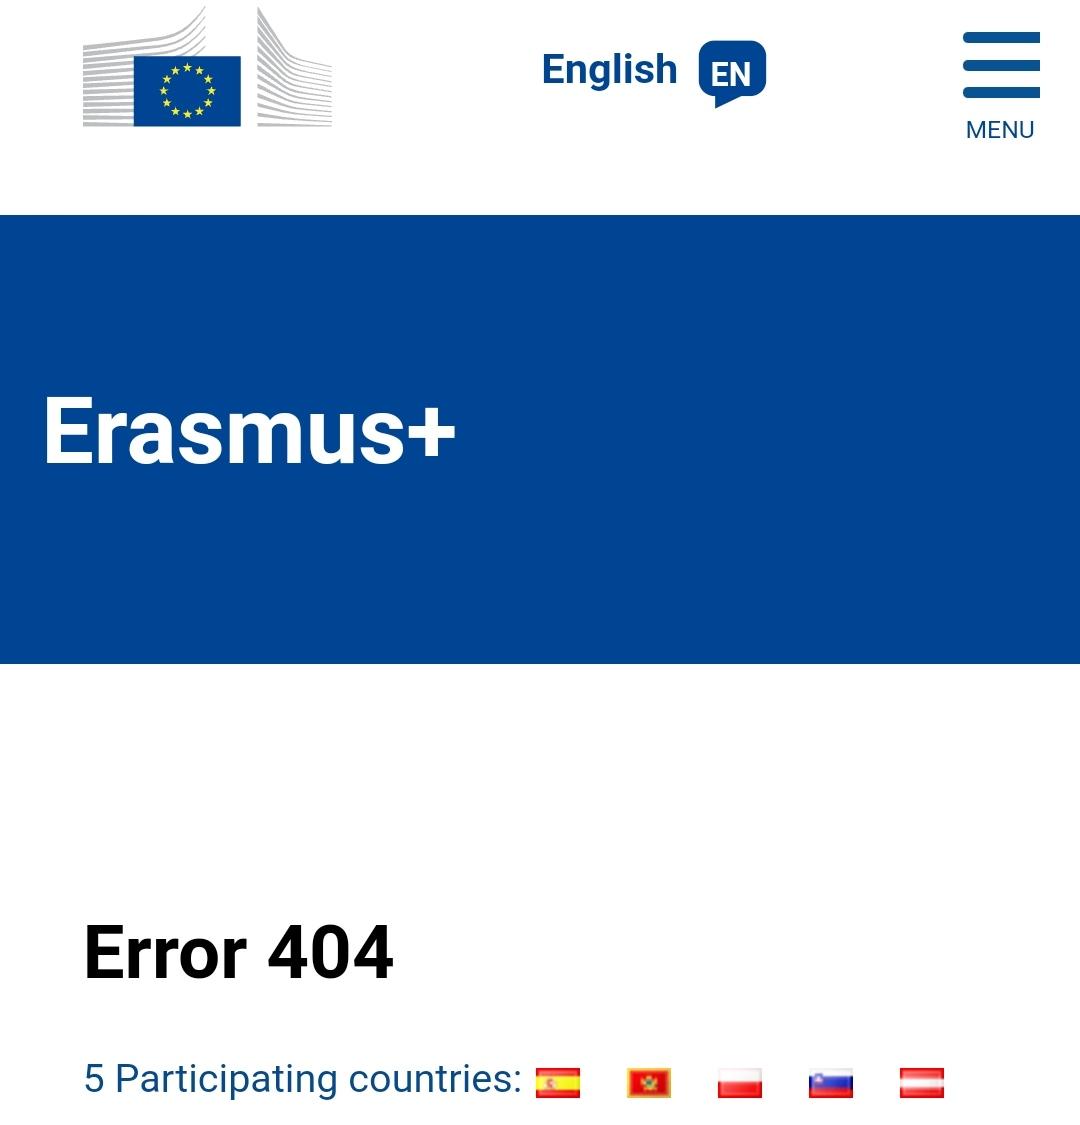 Projekat ERROR 404